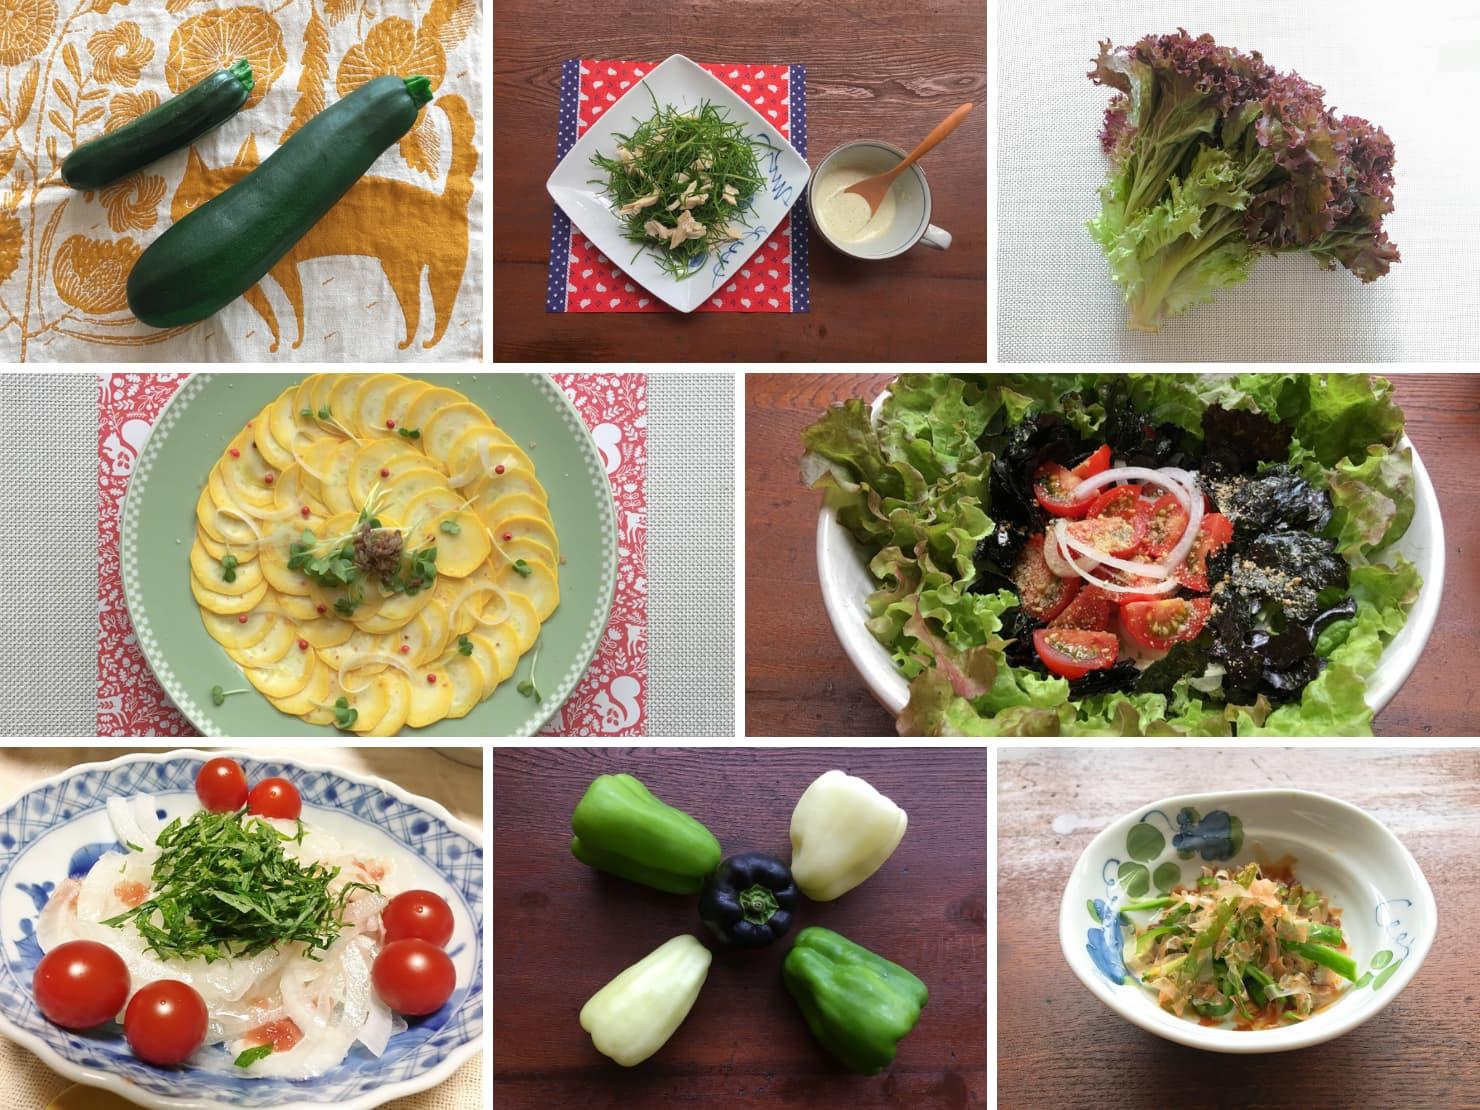 生ですぐ食べられる野菜とその料理の写真